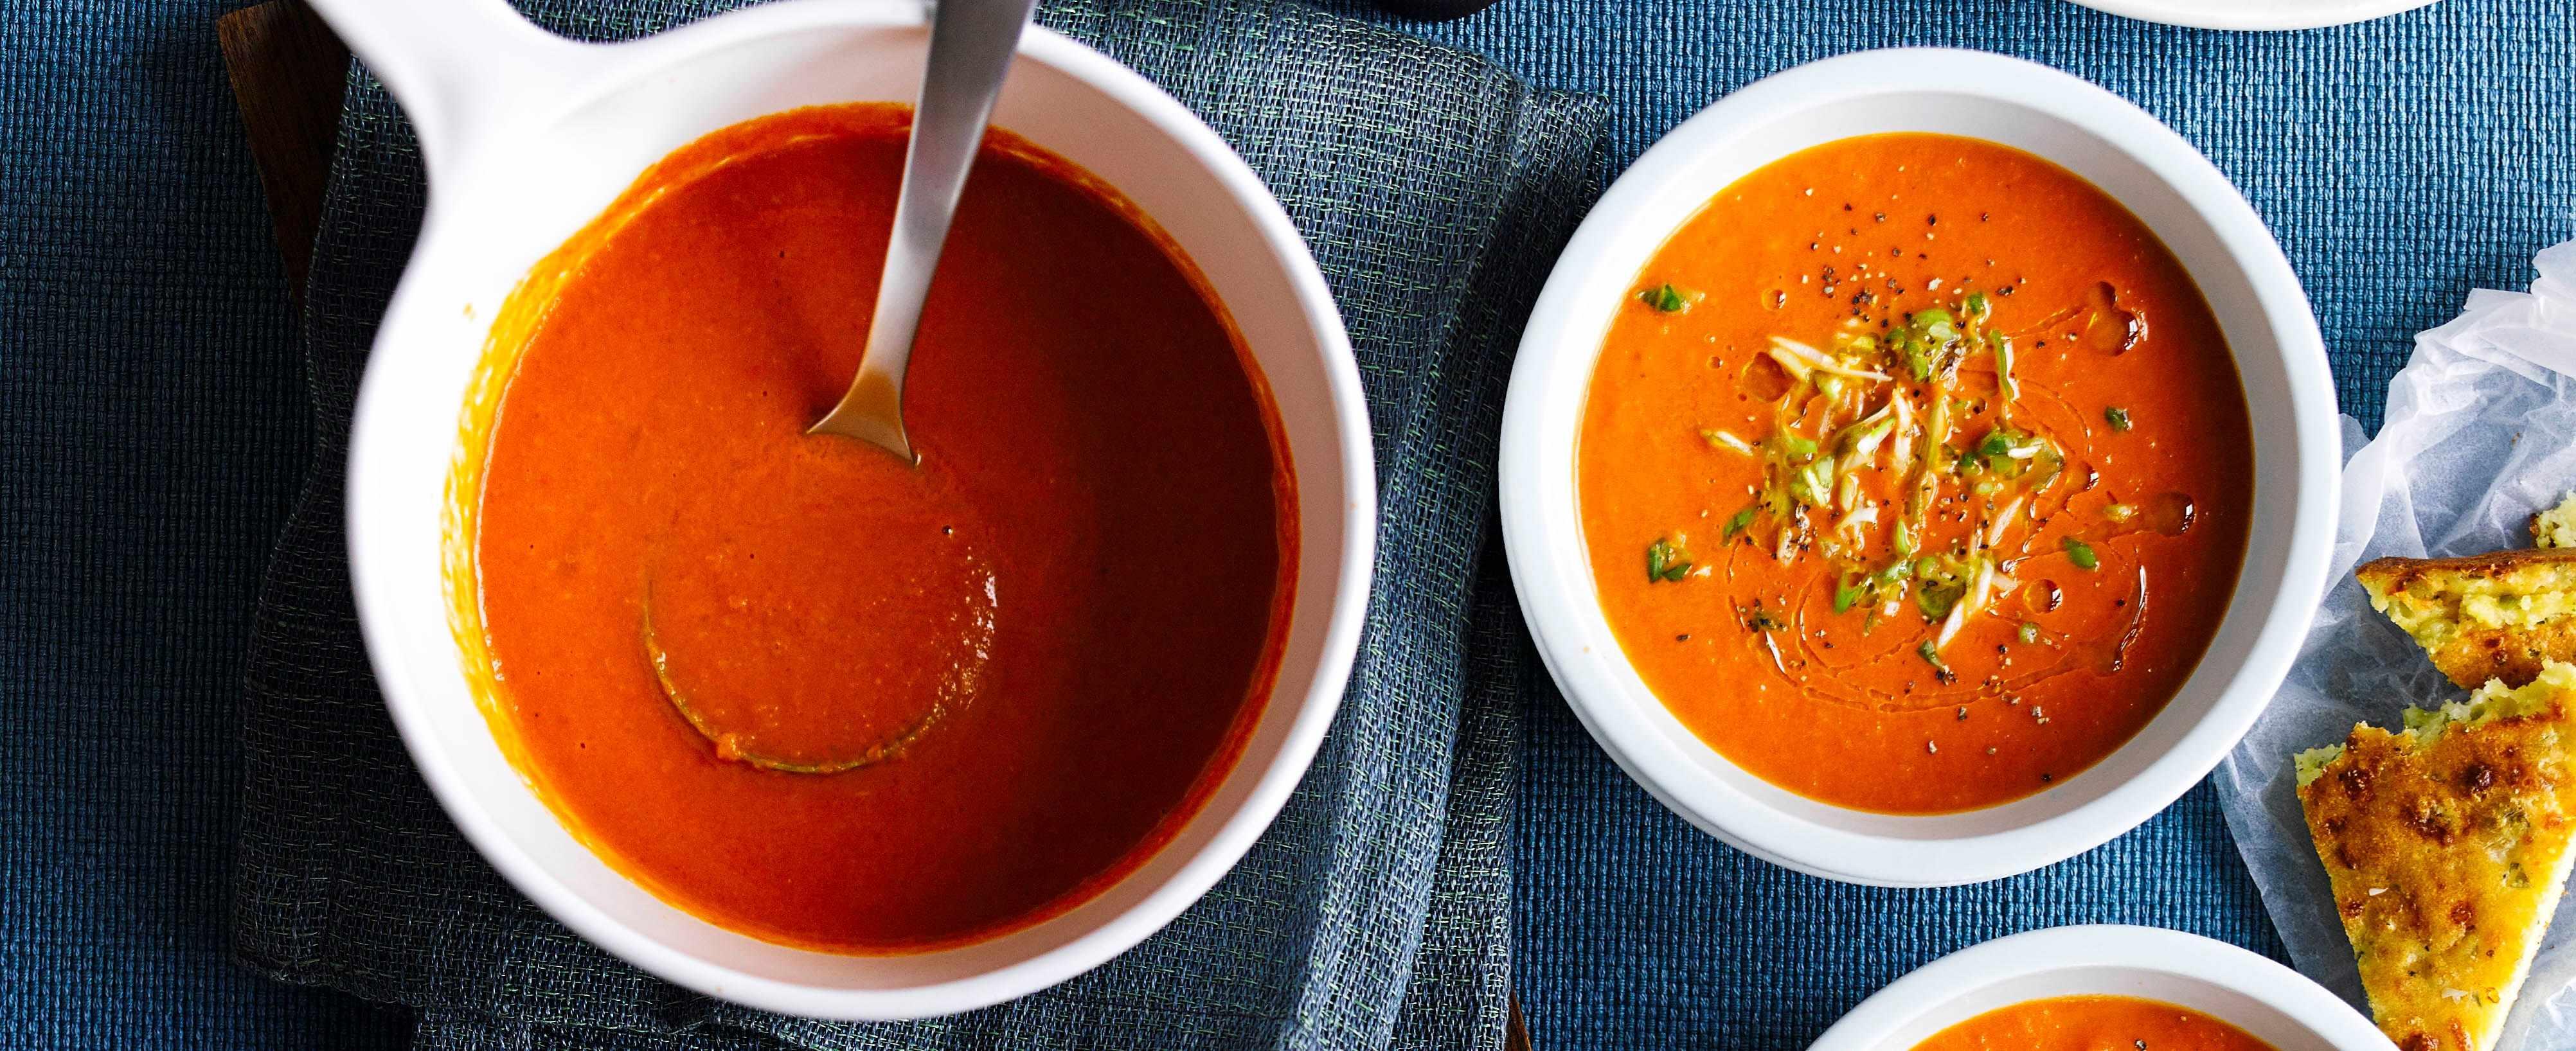 Tomato Soup Recipe with Cornbread